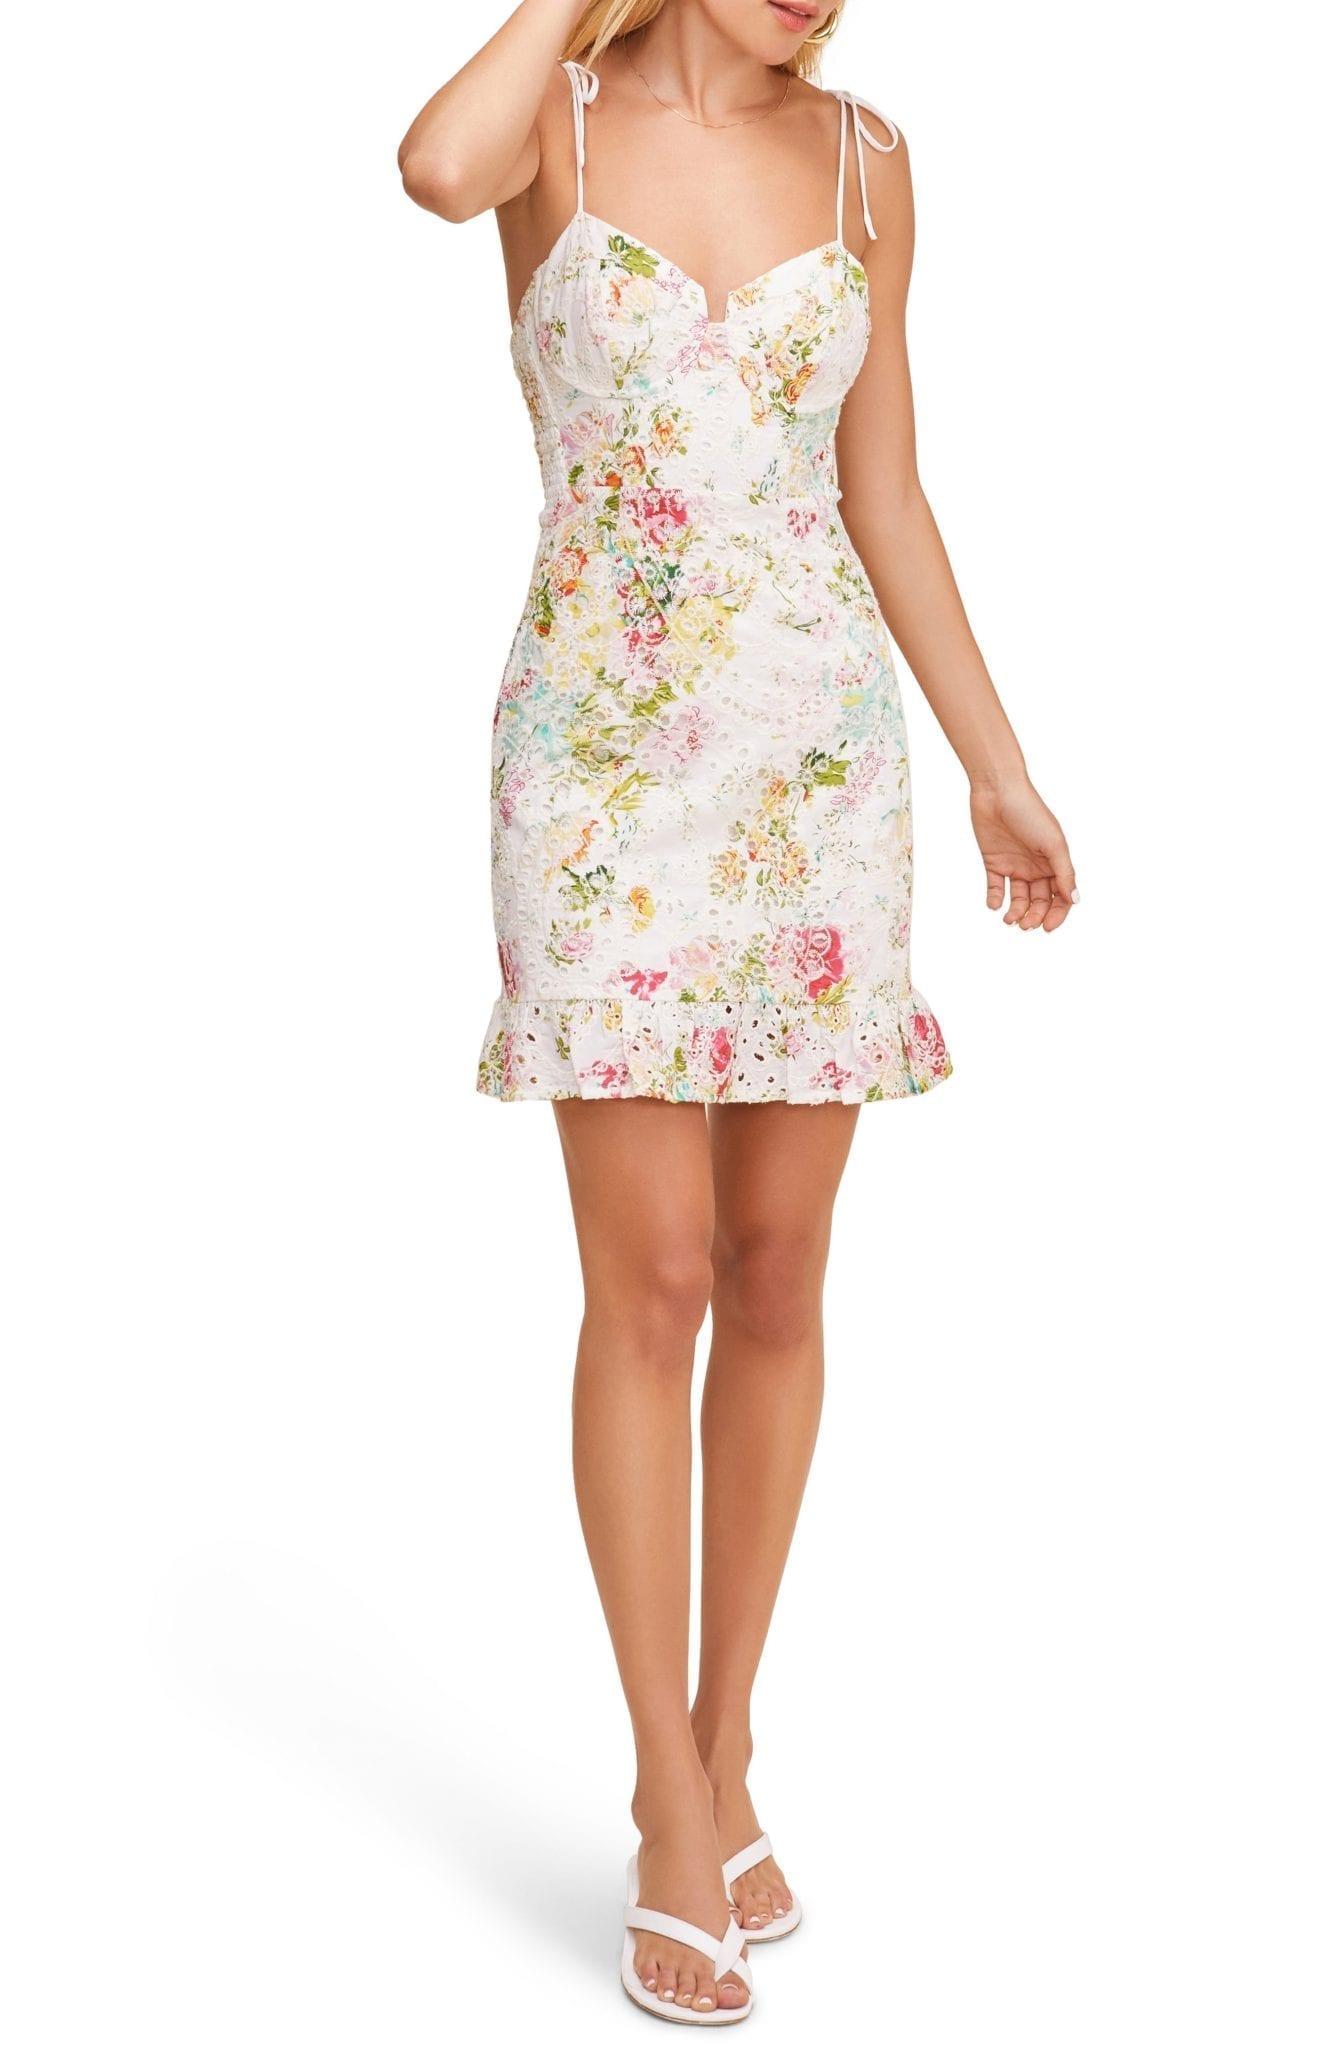 ASTR THE LABEL Mireille Floral Lace Sun Dress